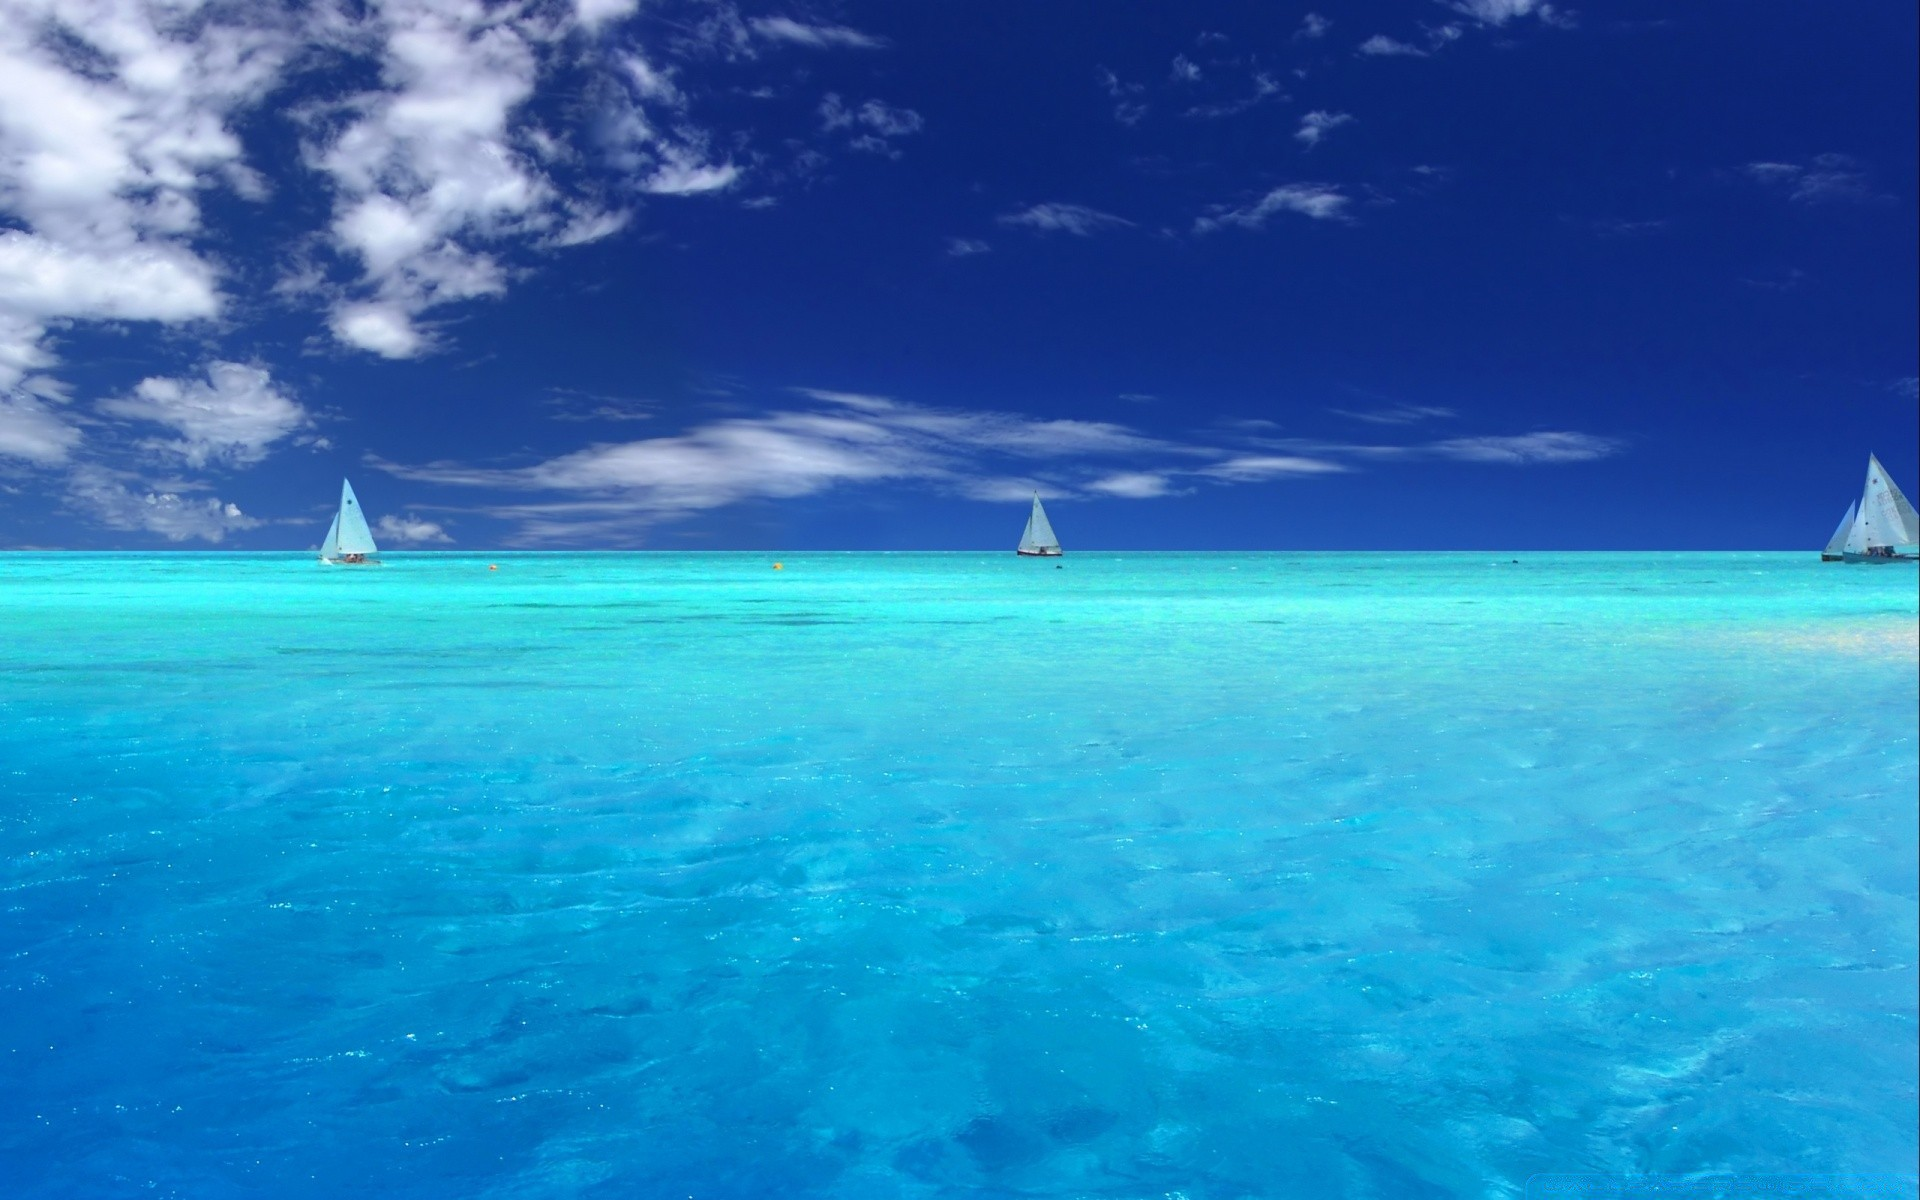 новое яркие фотообои на рабочий стол океан будем баловать